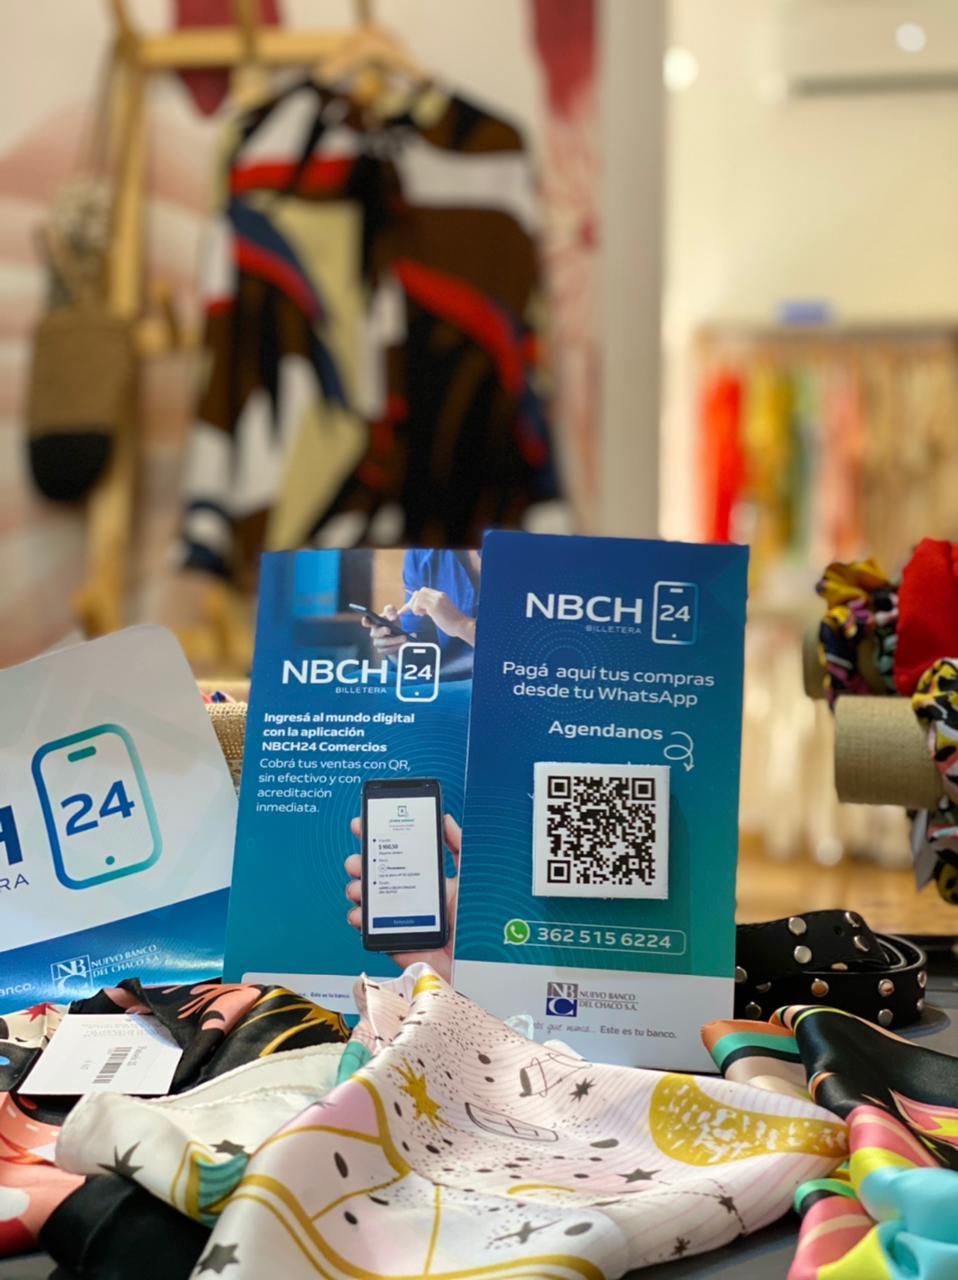 Como obtener 40% de descuento con billetera NBCH24